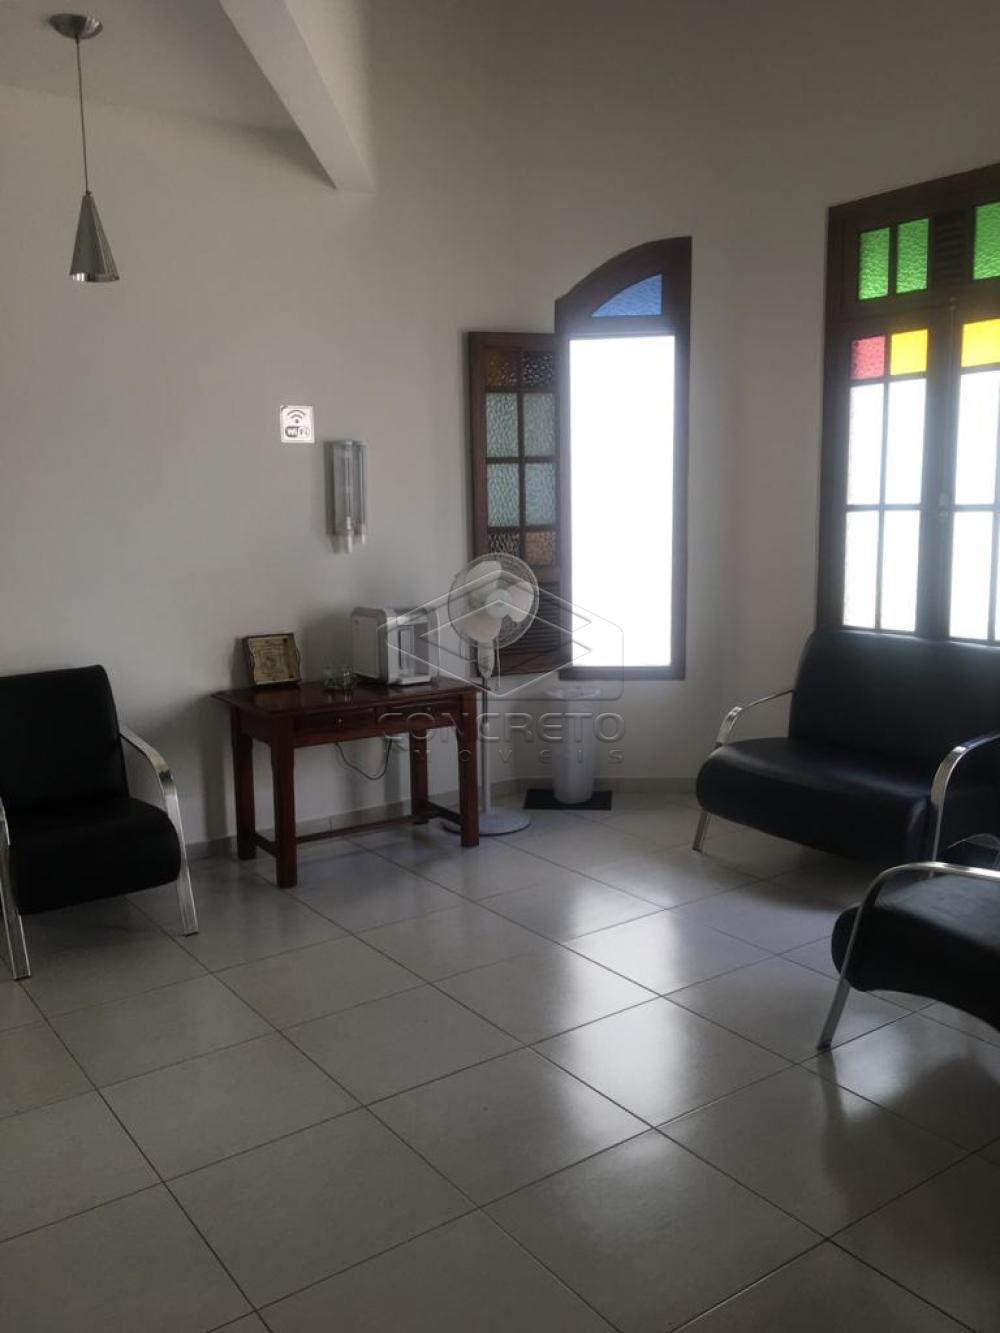 Alugar Casa / Comercial em Bauru apenas R$ 4.500,00 - Foto 2